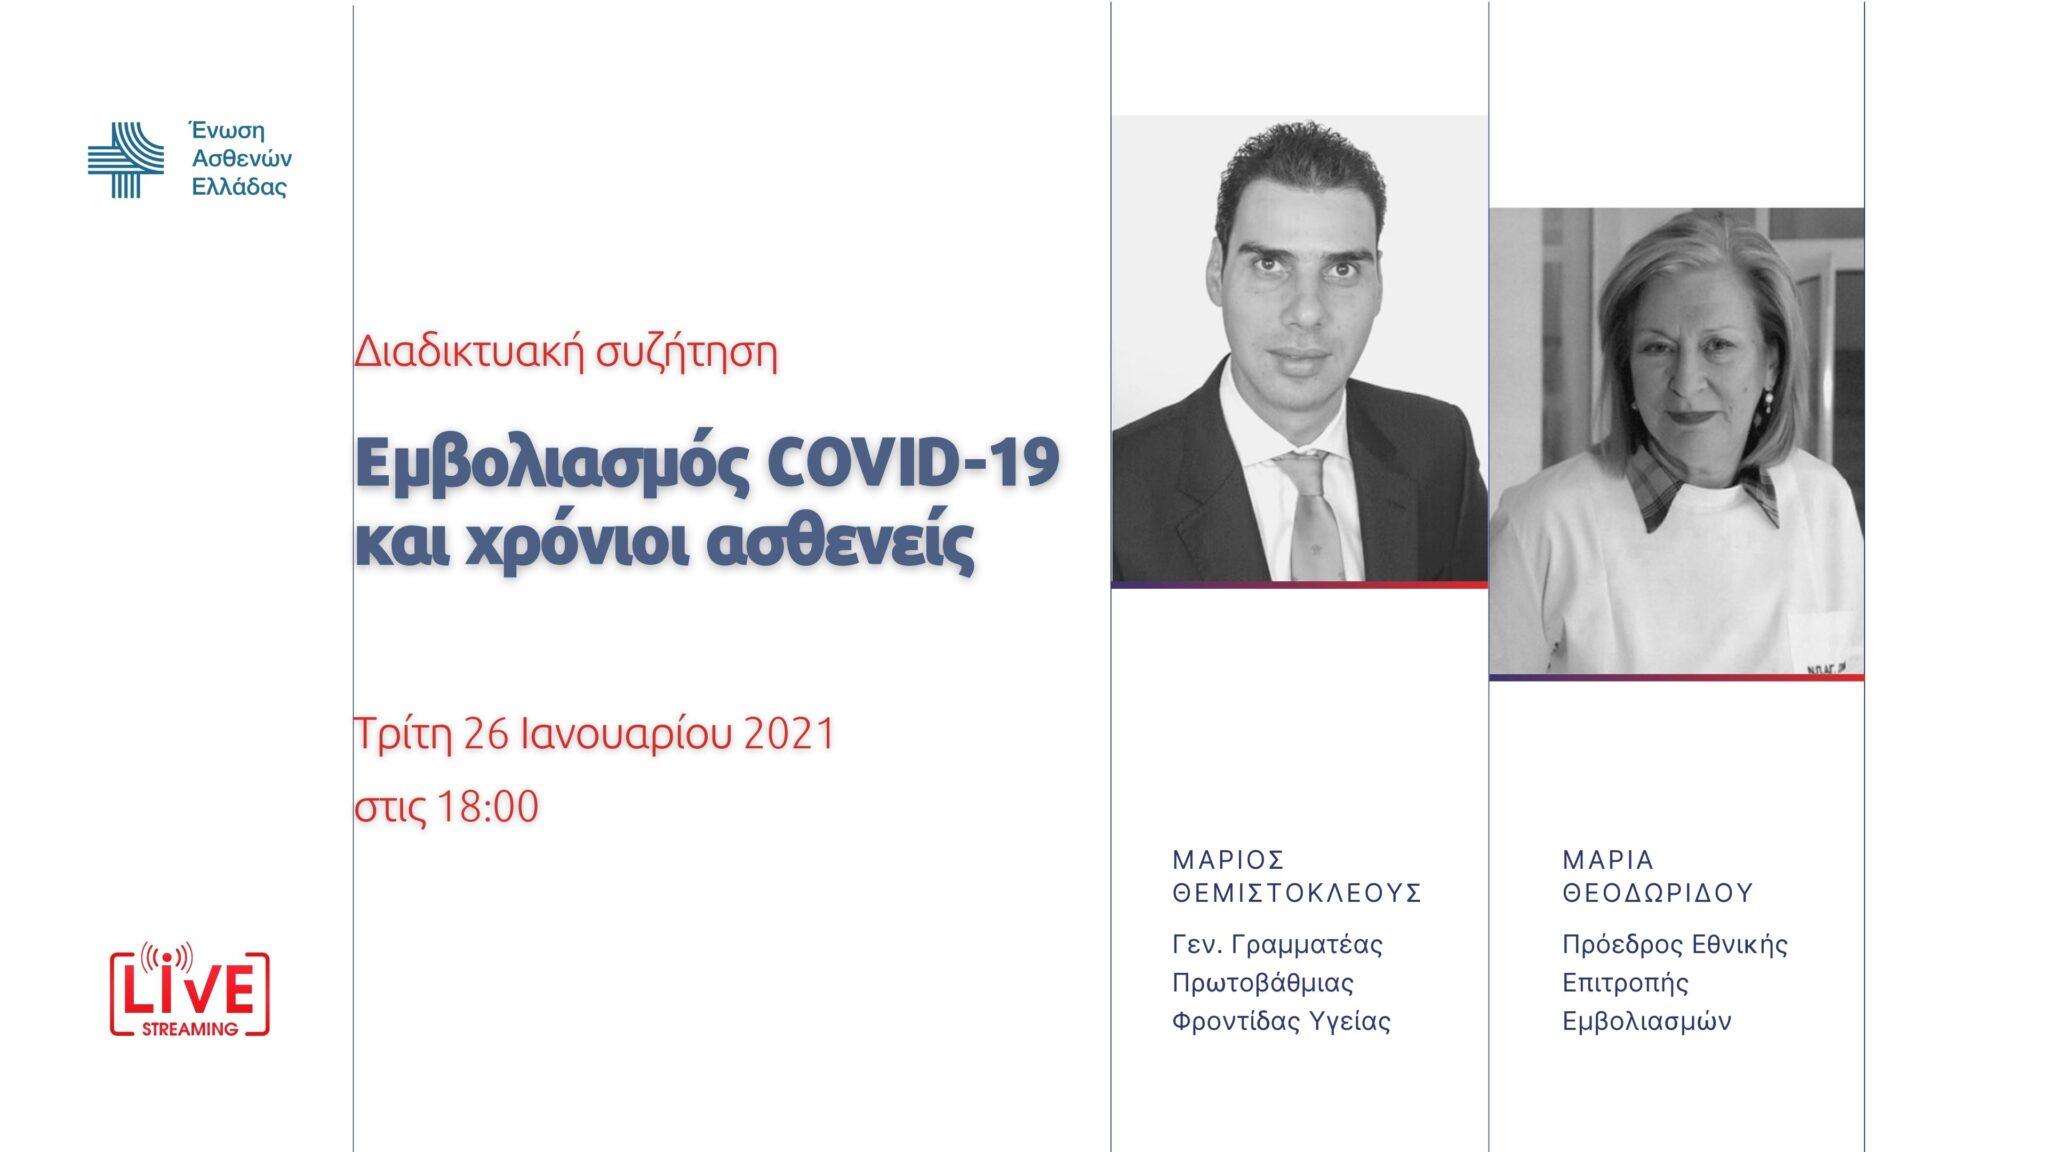 Ενημερωτική εκδήλωση «Εμβολιασμός COVID-19 και χρόνιοι ασθενείς»   Τρίτη 26 Ιανουαρίου 2020, στις 18:00